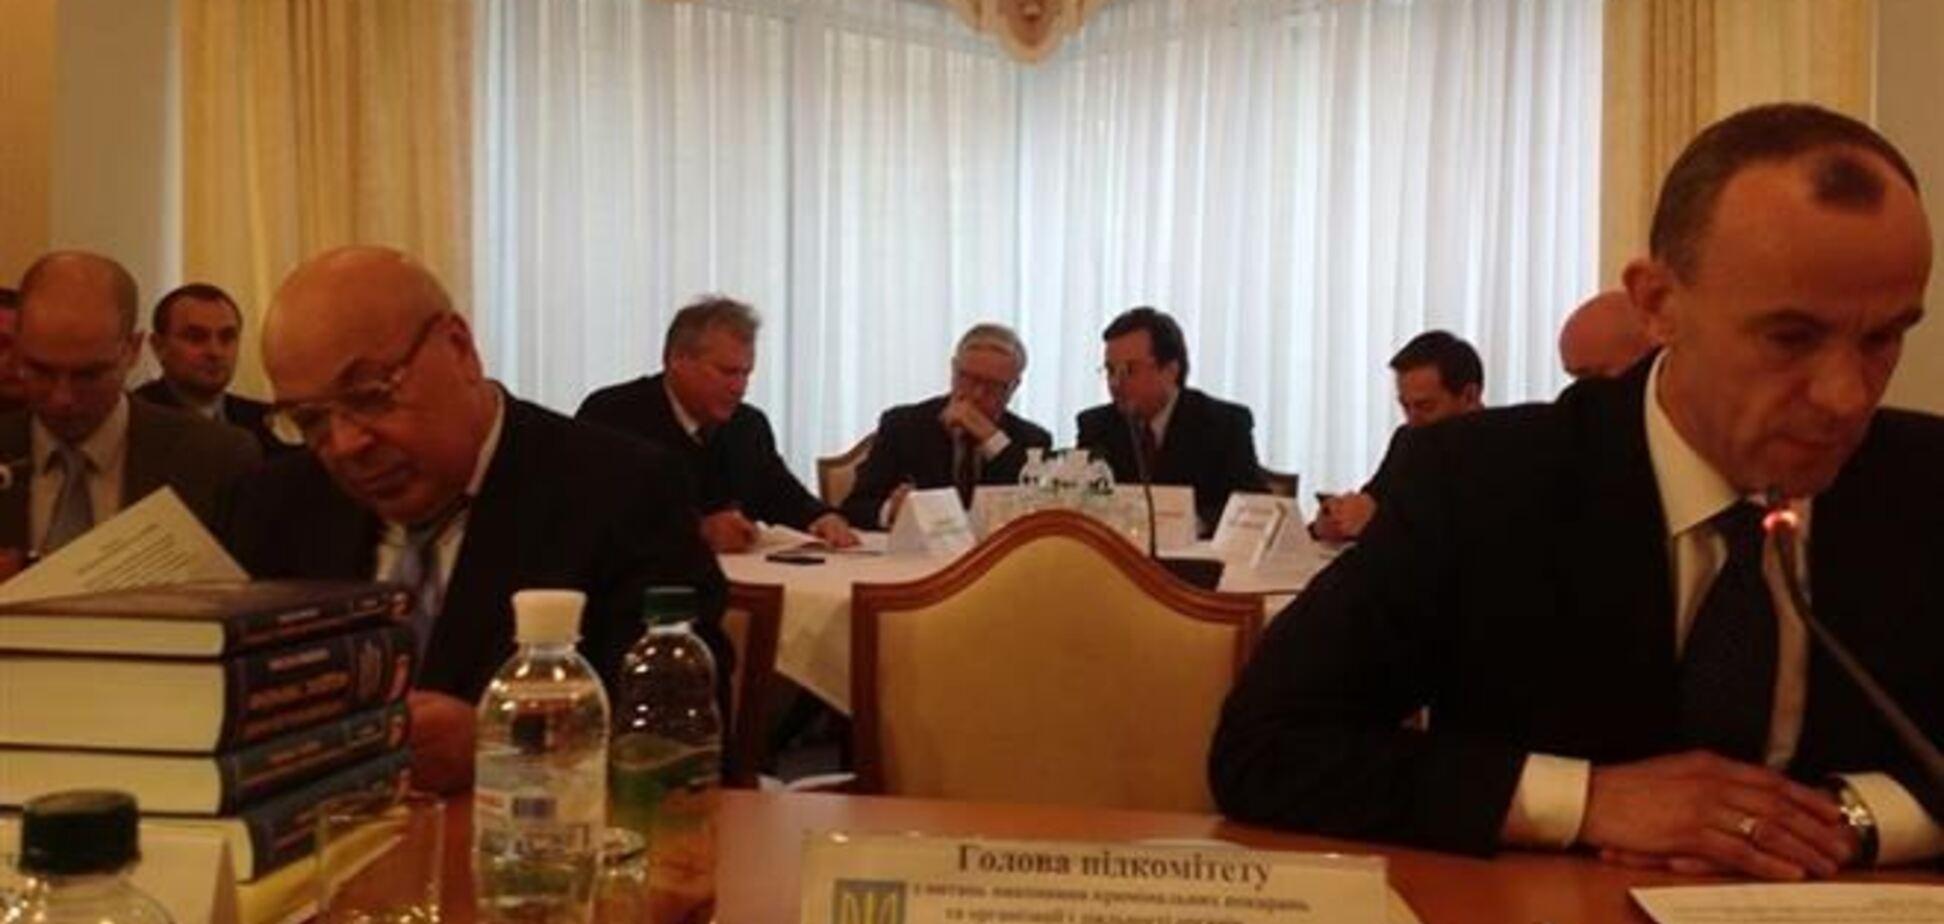 Рабочую группу по 'проектам Тимошенко' посетили Кокс и Квасьневский